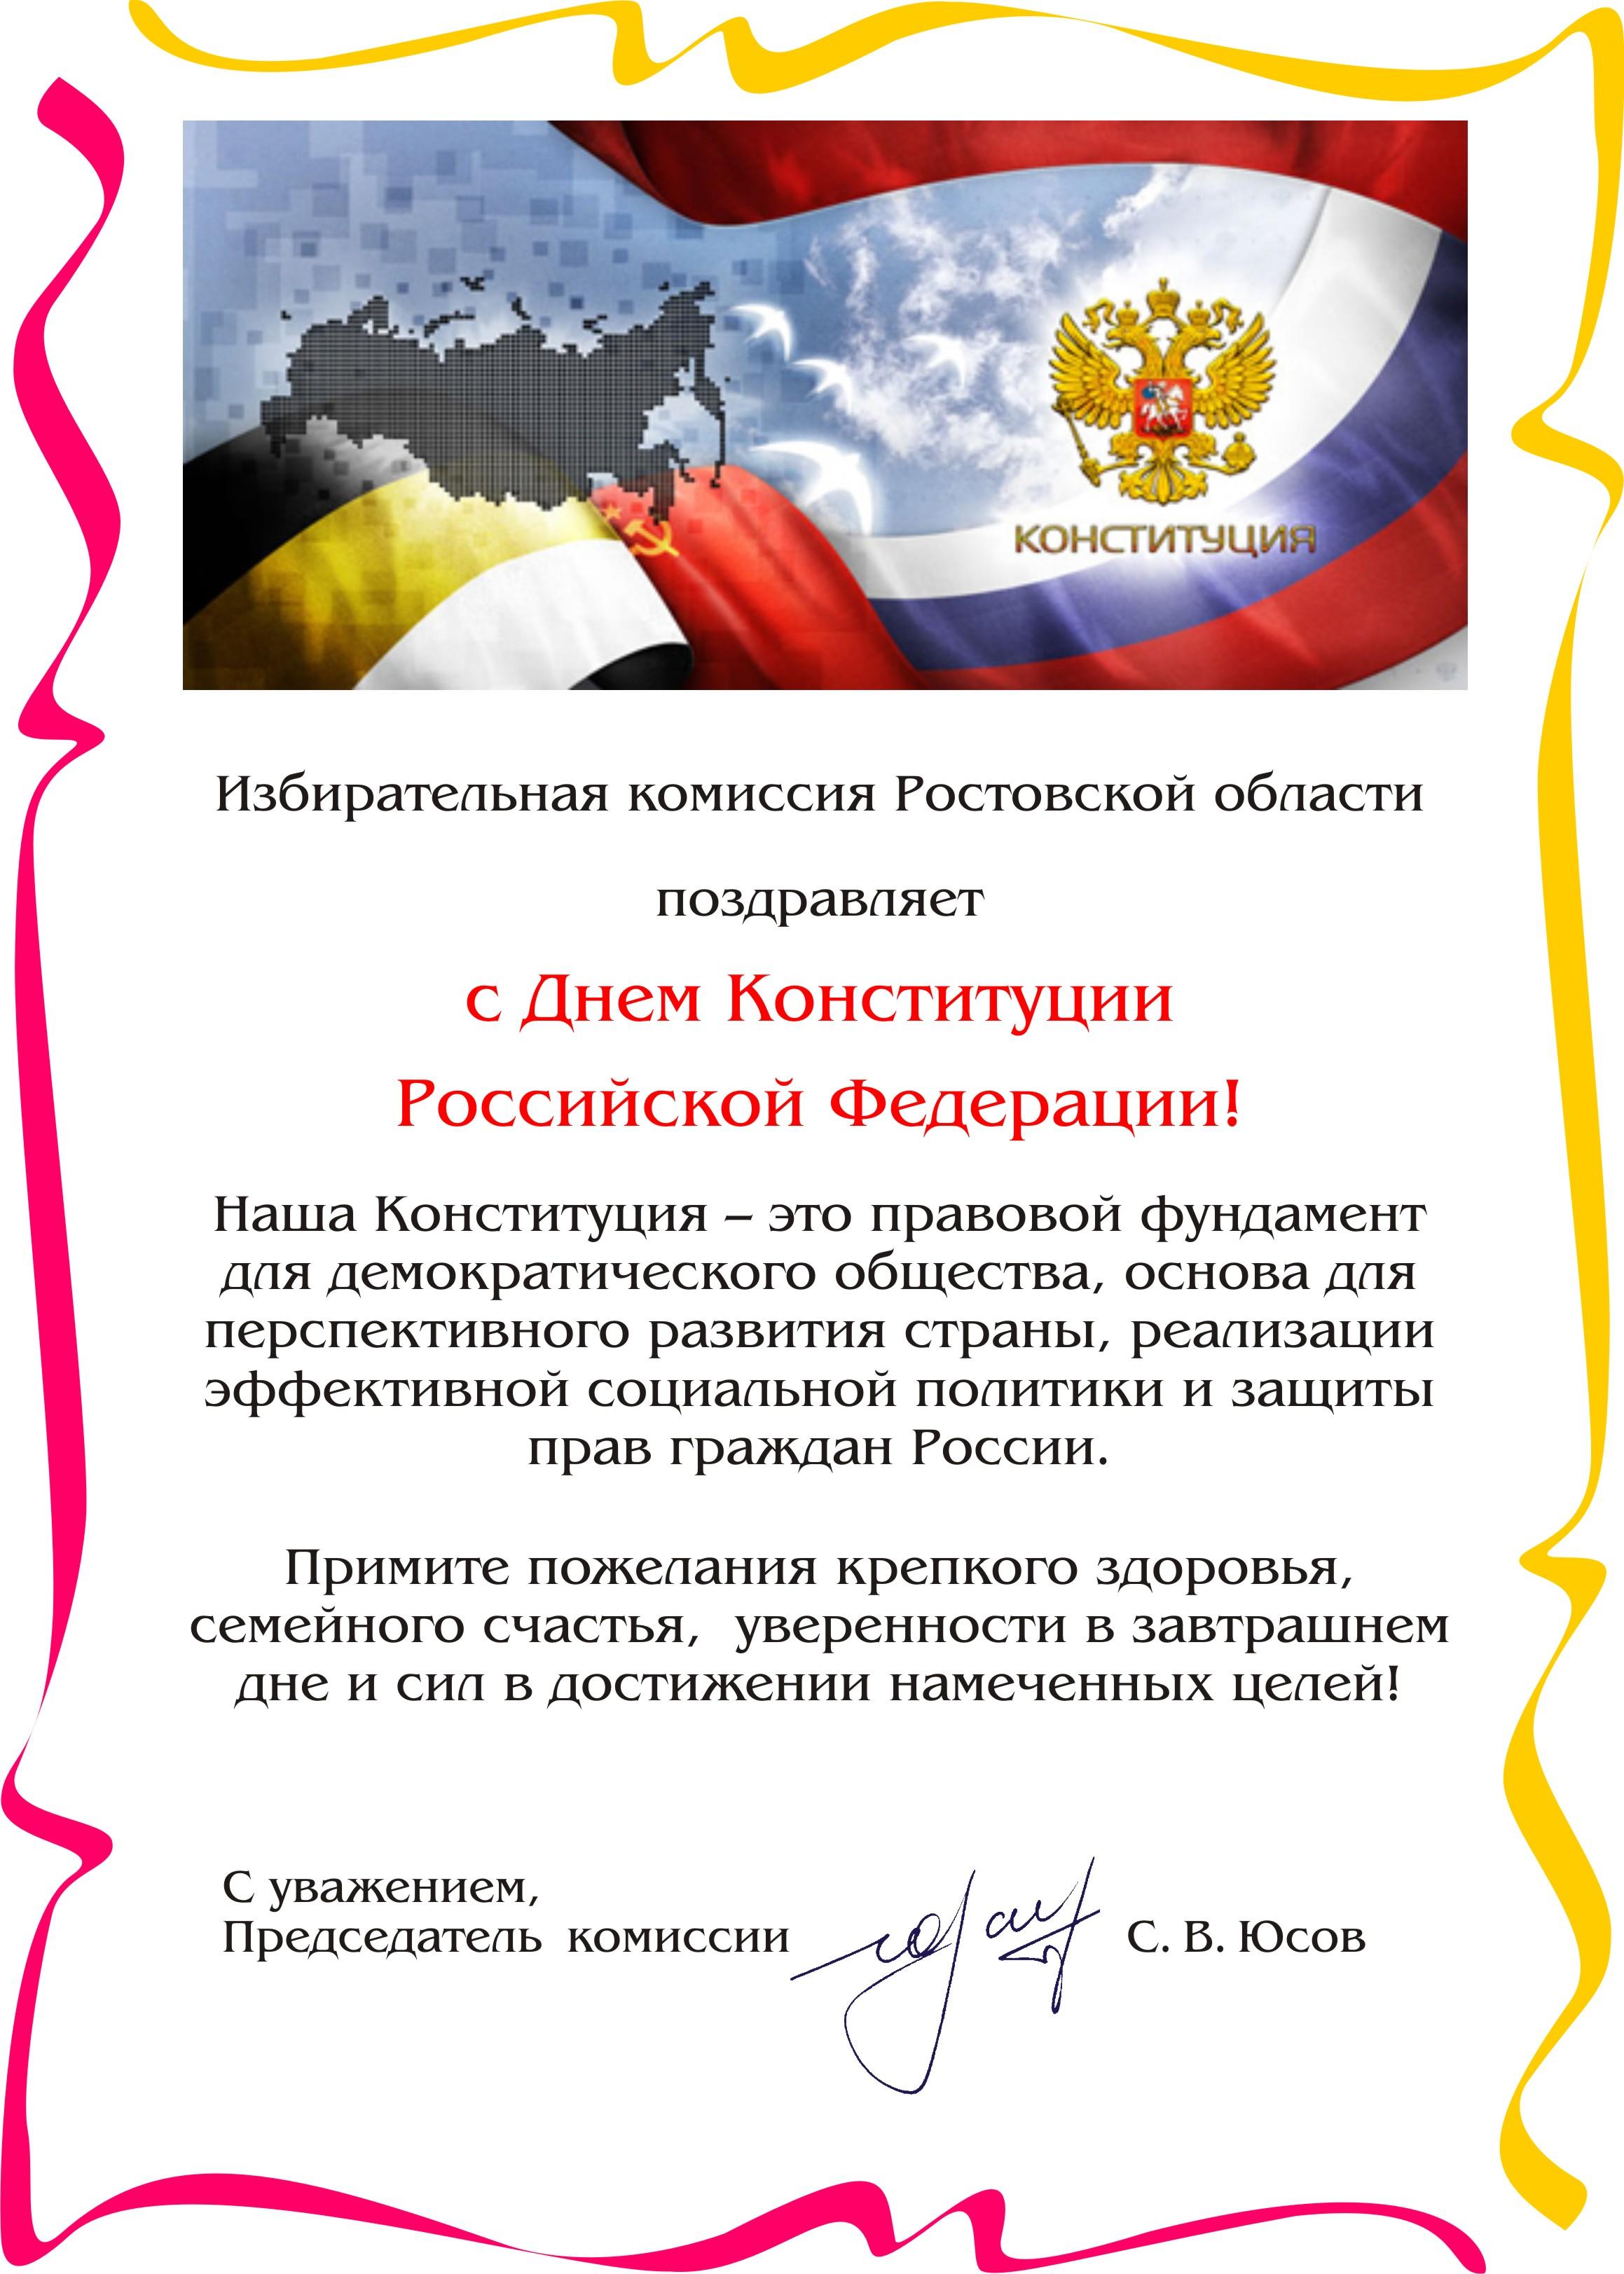 Поздравление от главы района с днем конституции